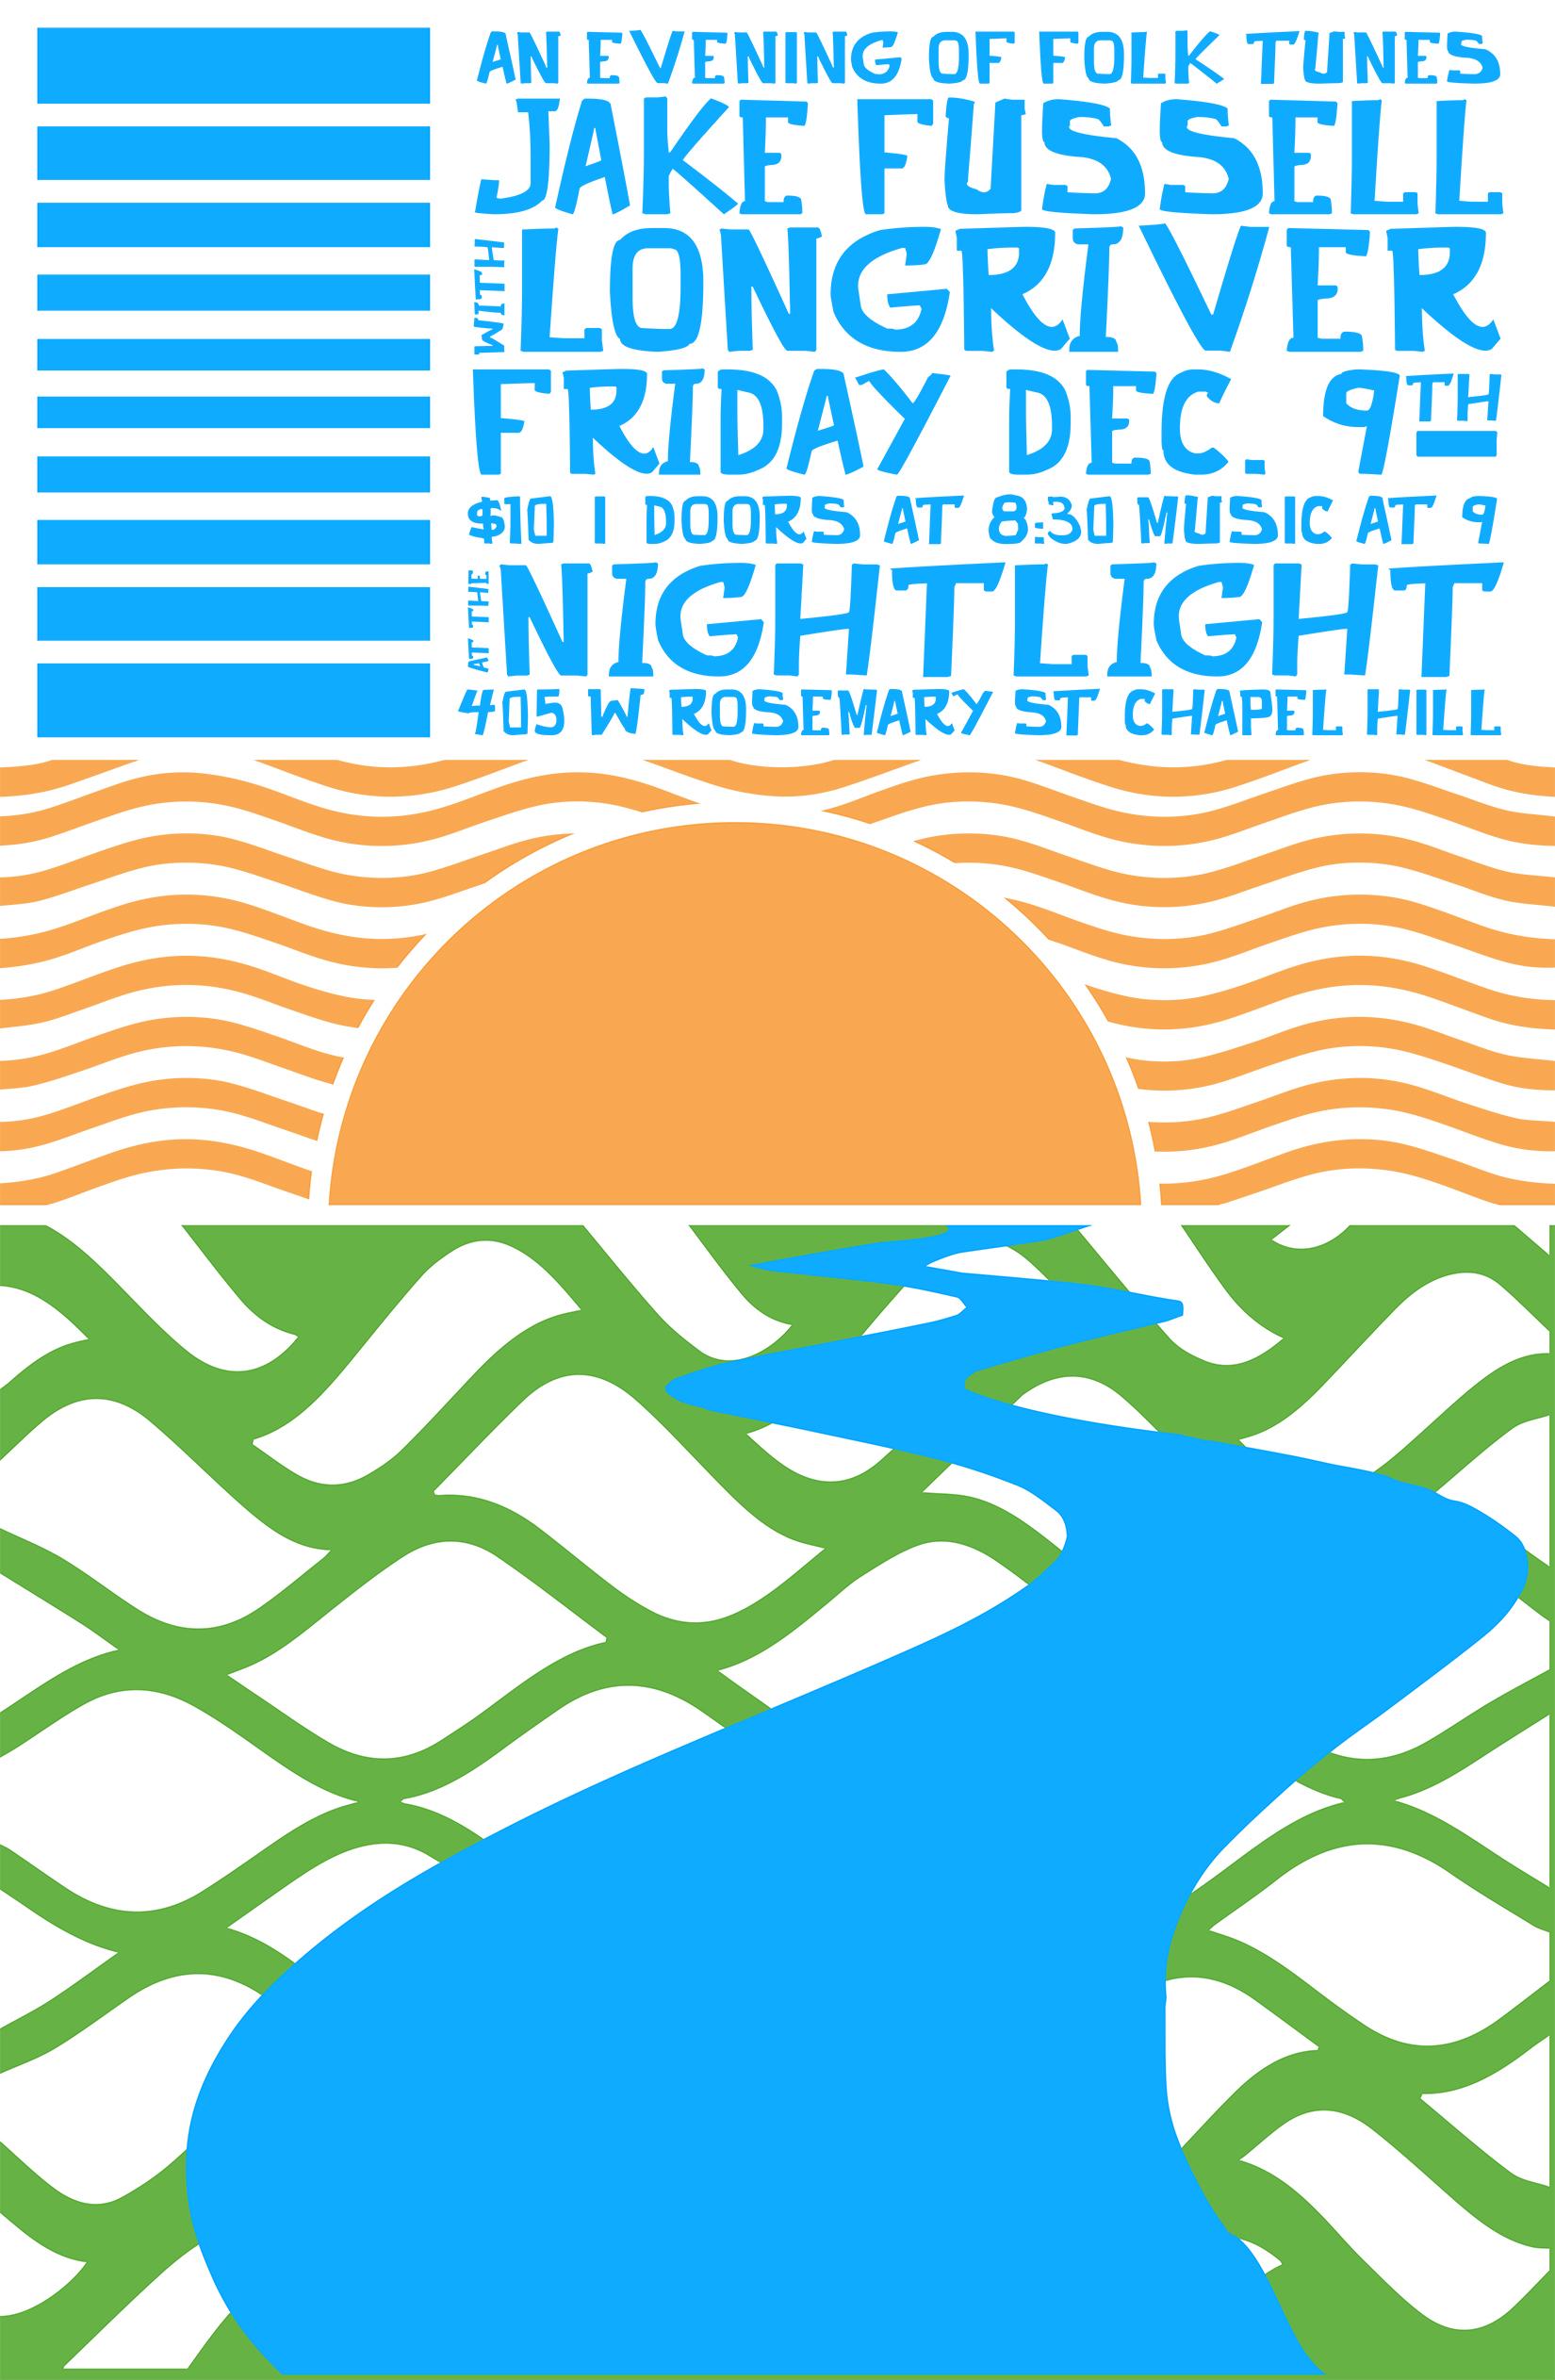 Jake Fussell Longriver Poster.jpg